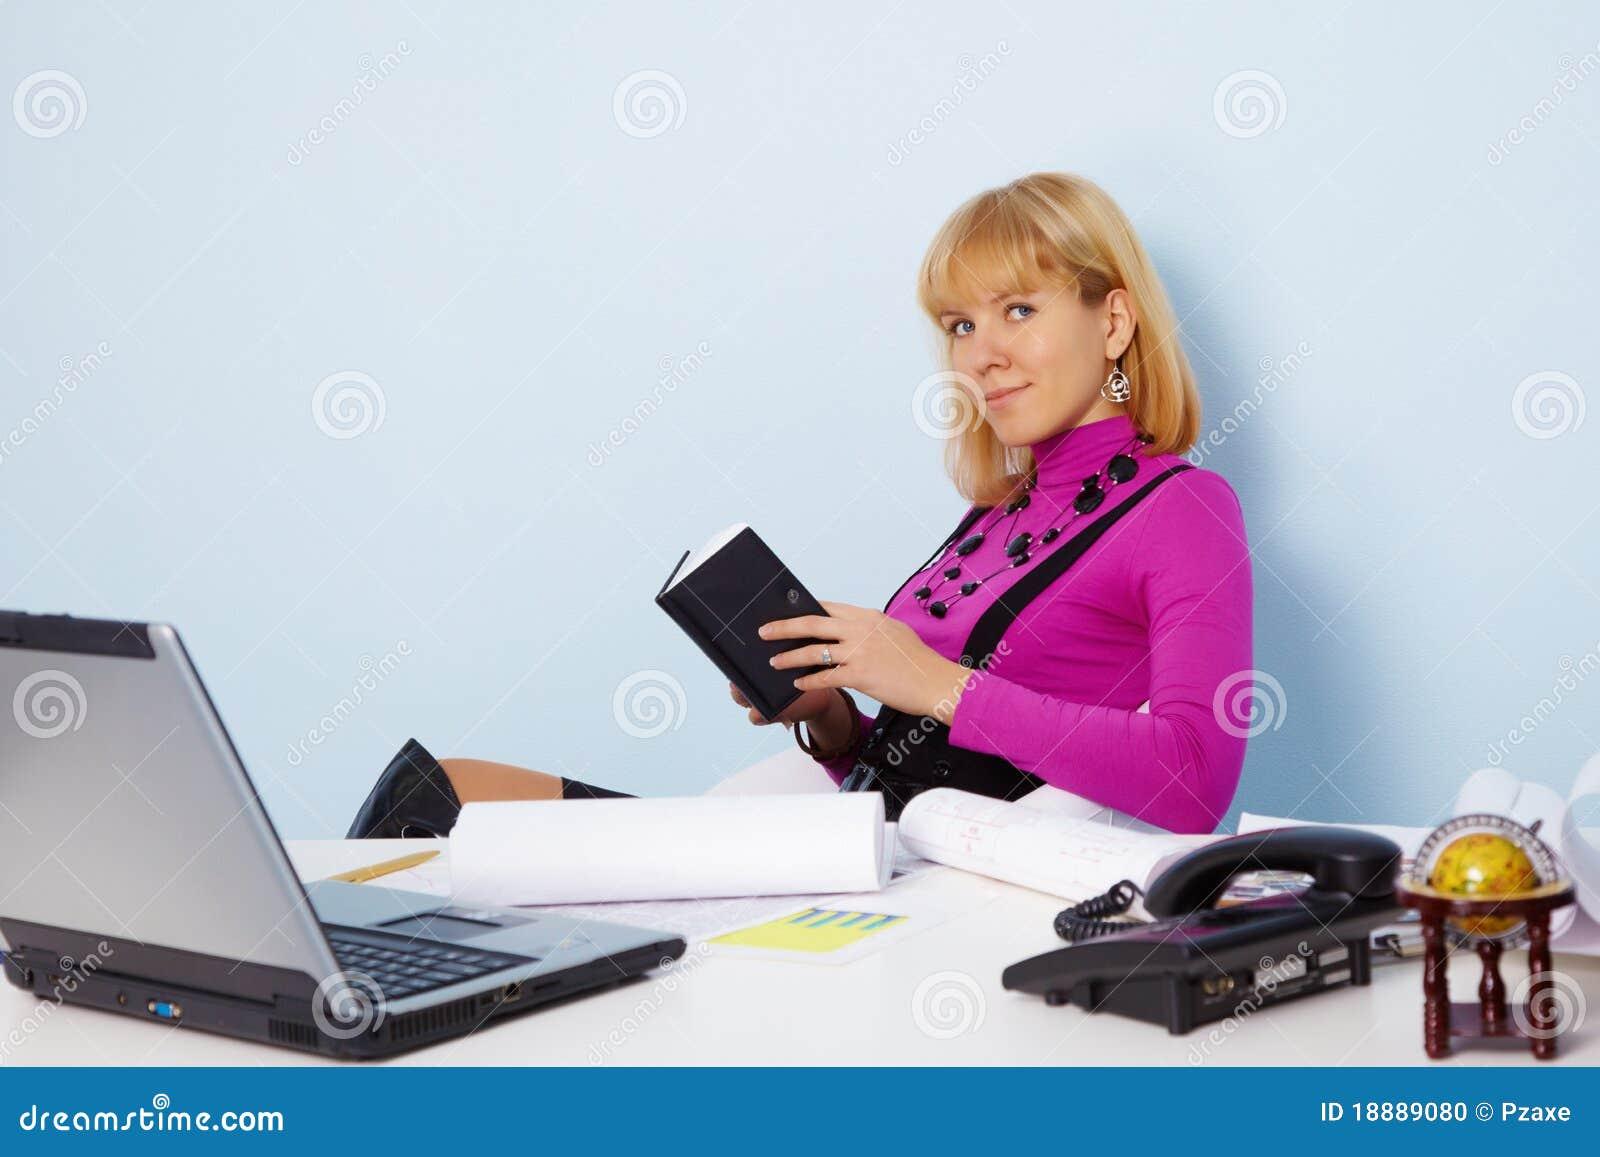 Секретаршу в офисе 1 фотография